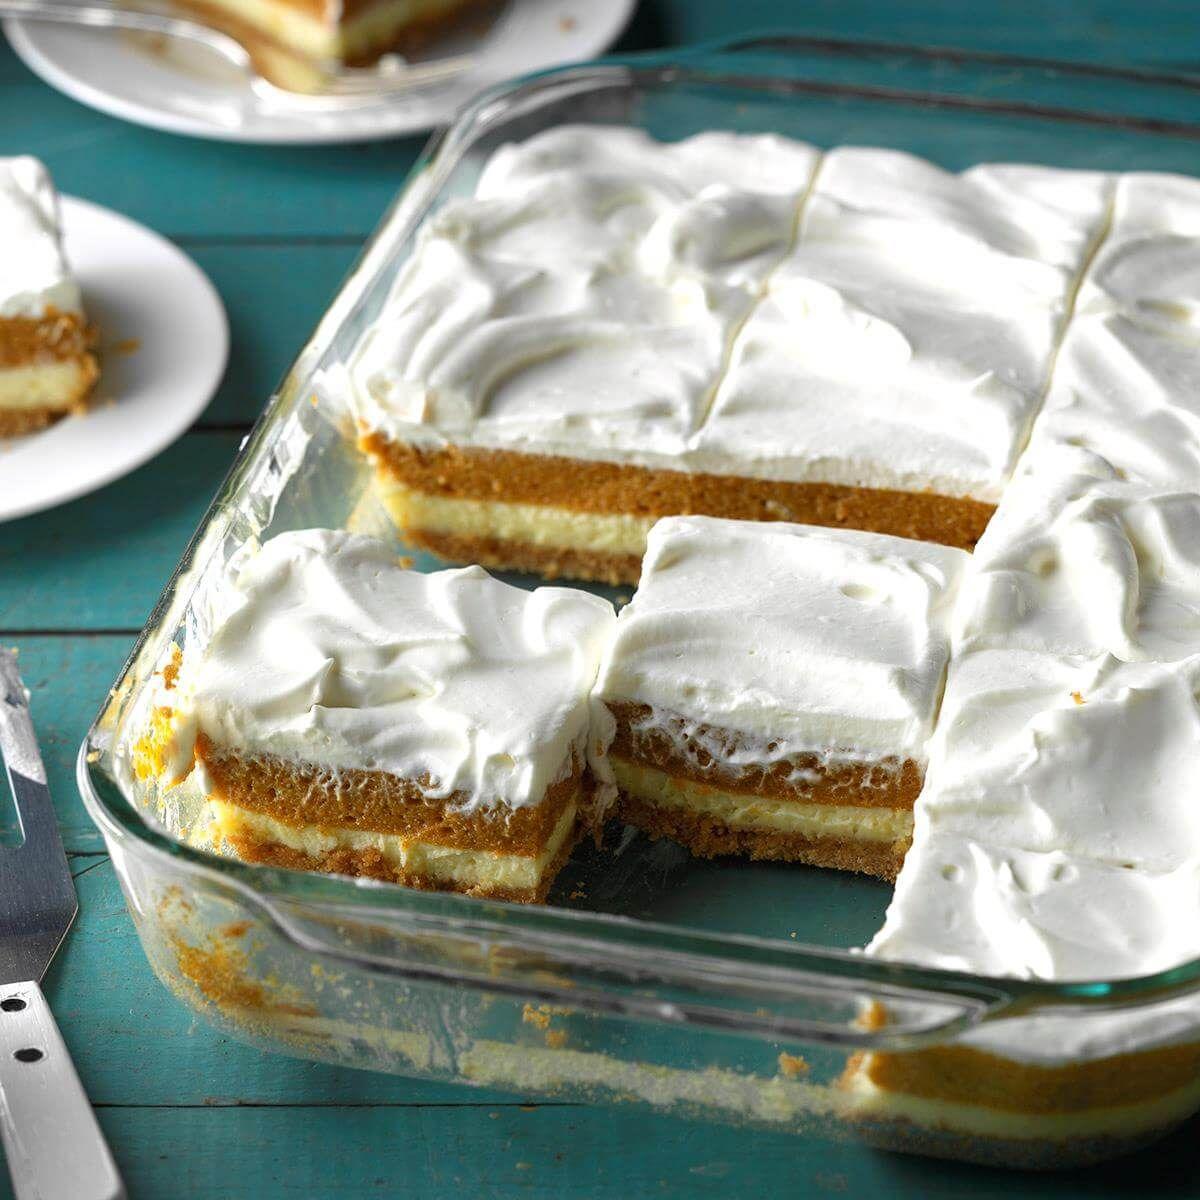 Great Pumpkin Dessert Recipe: Layered Pumpkin Dessert